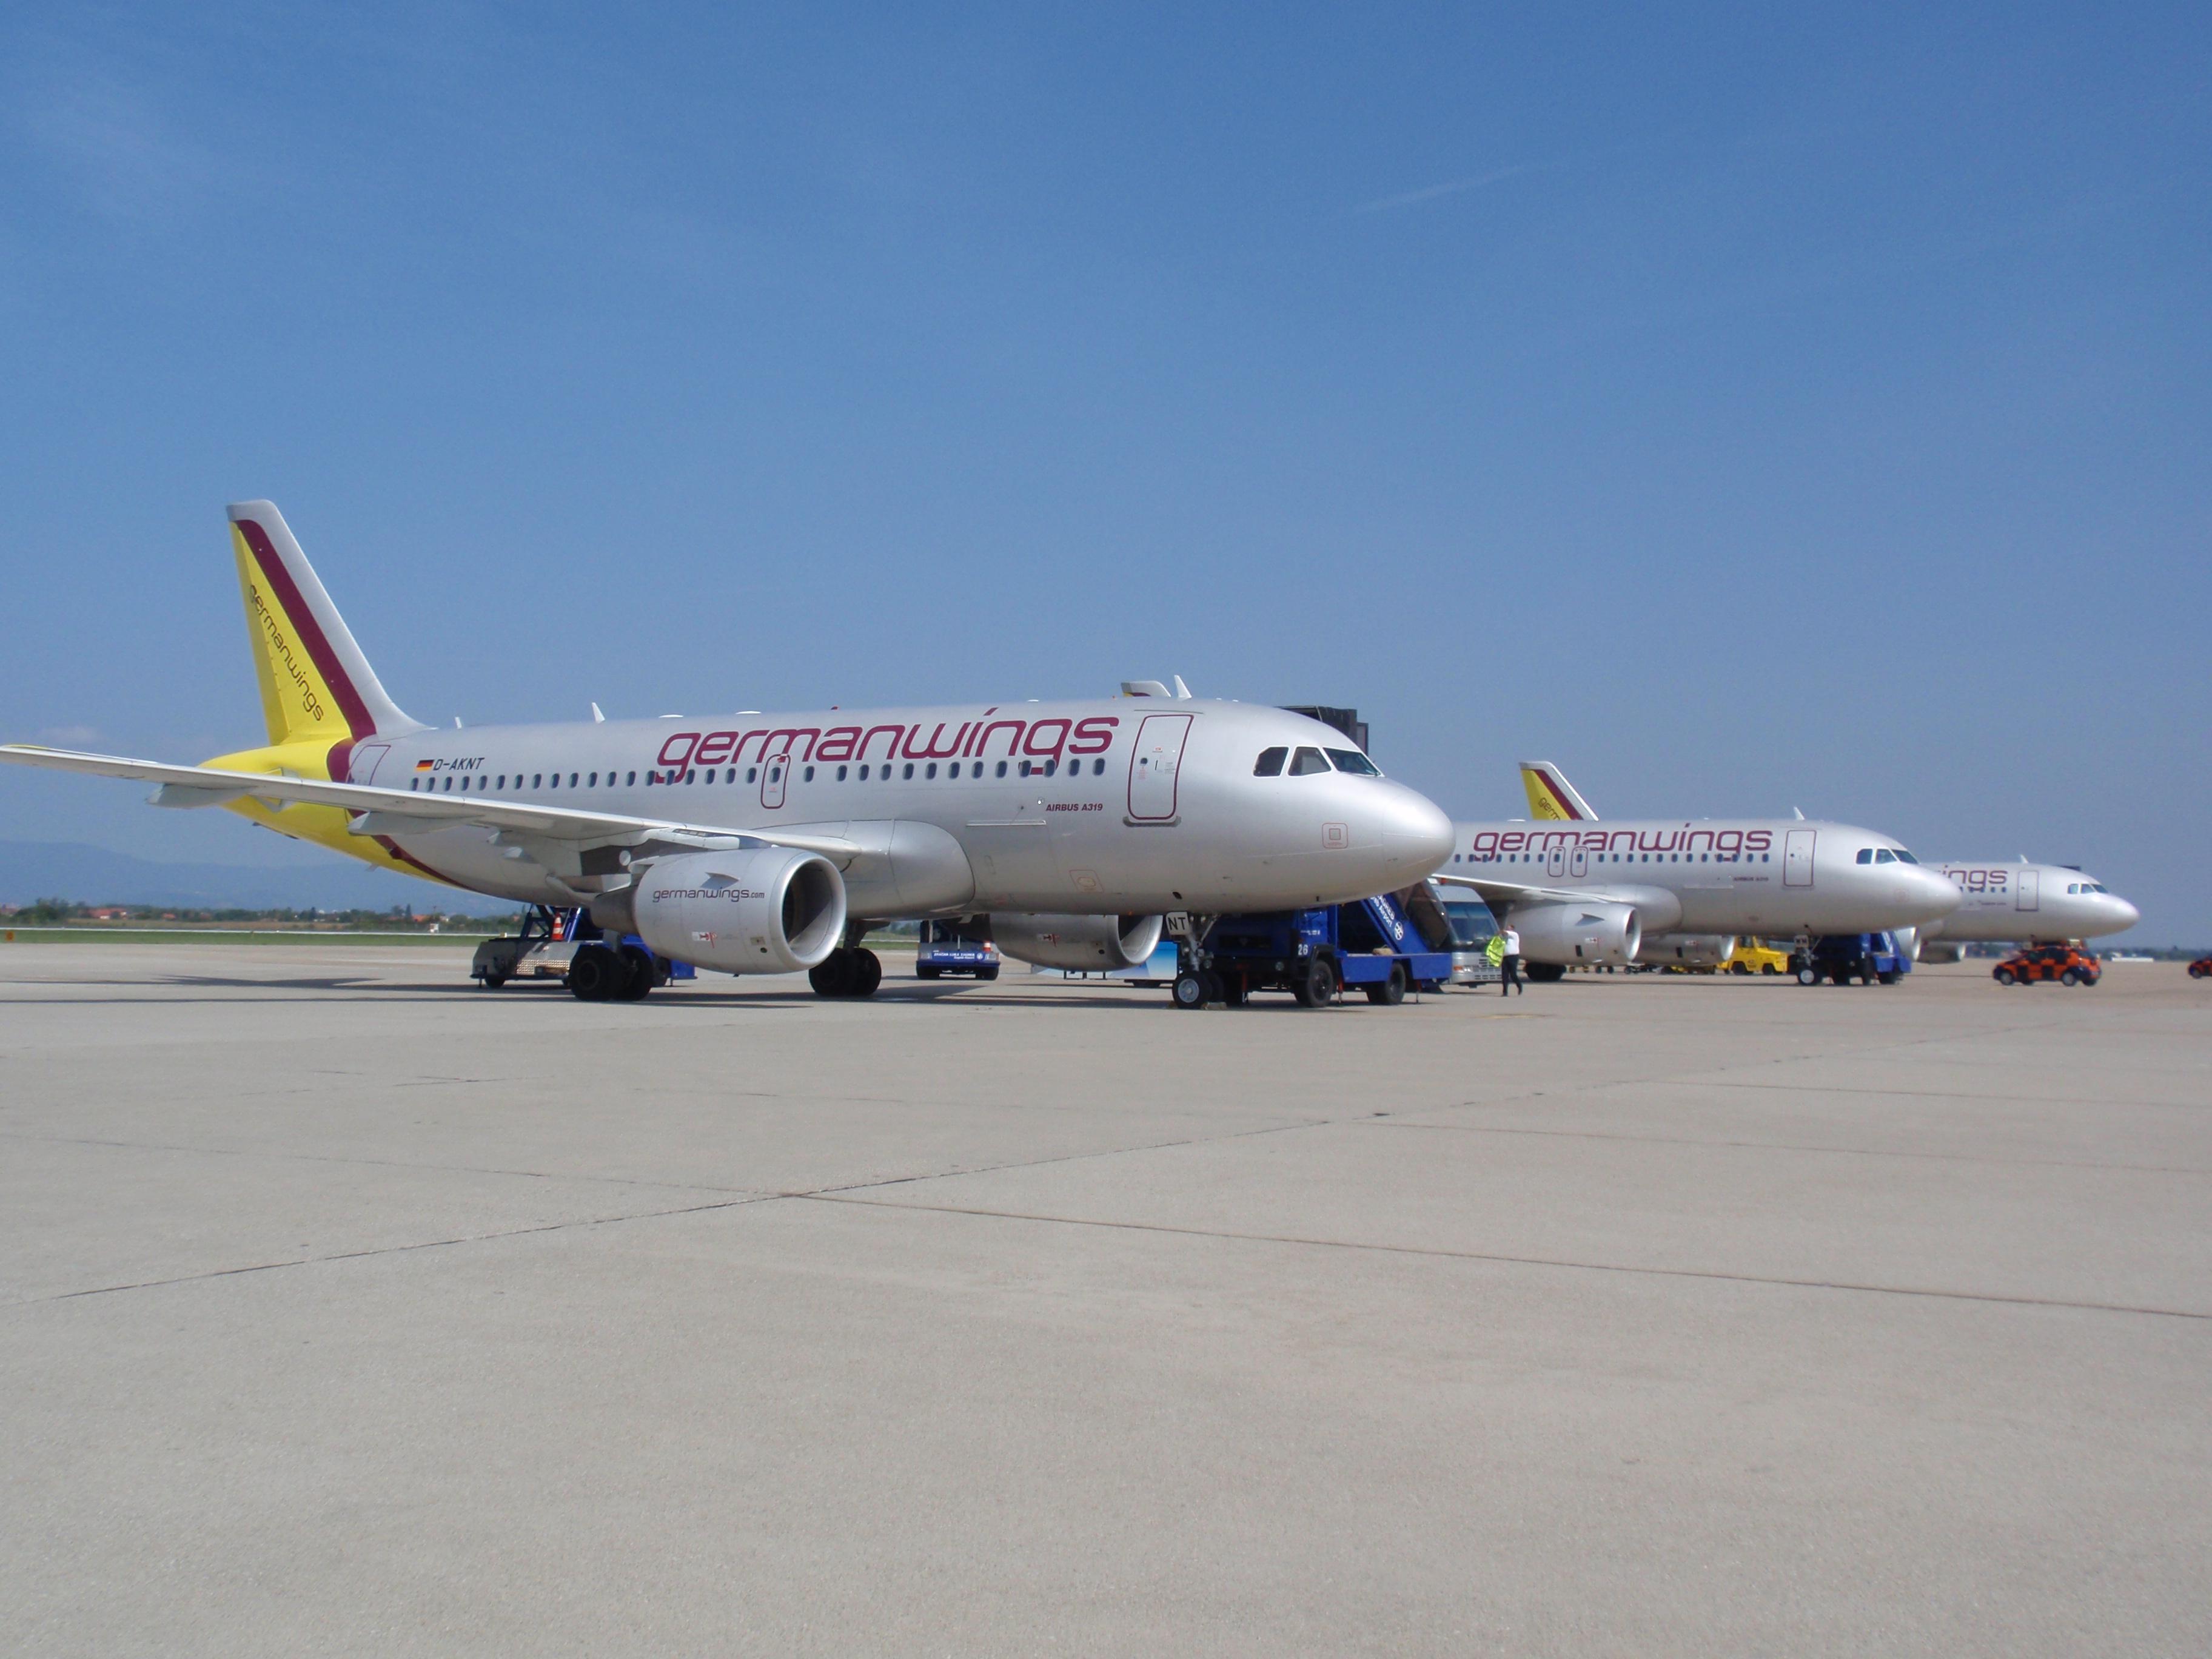 File:Germanwings in zgb.JPG - Wikimedia Commons